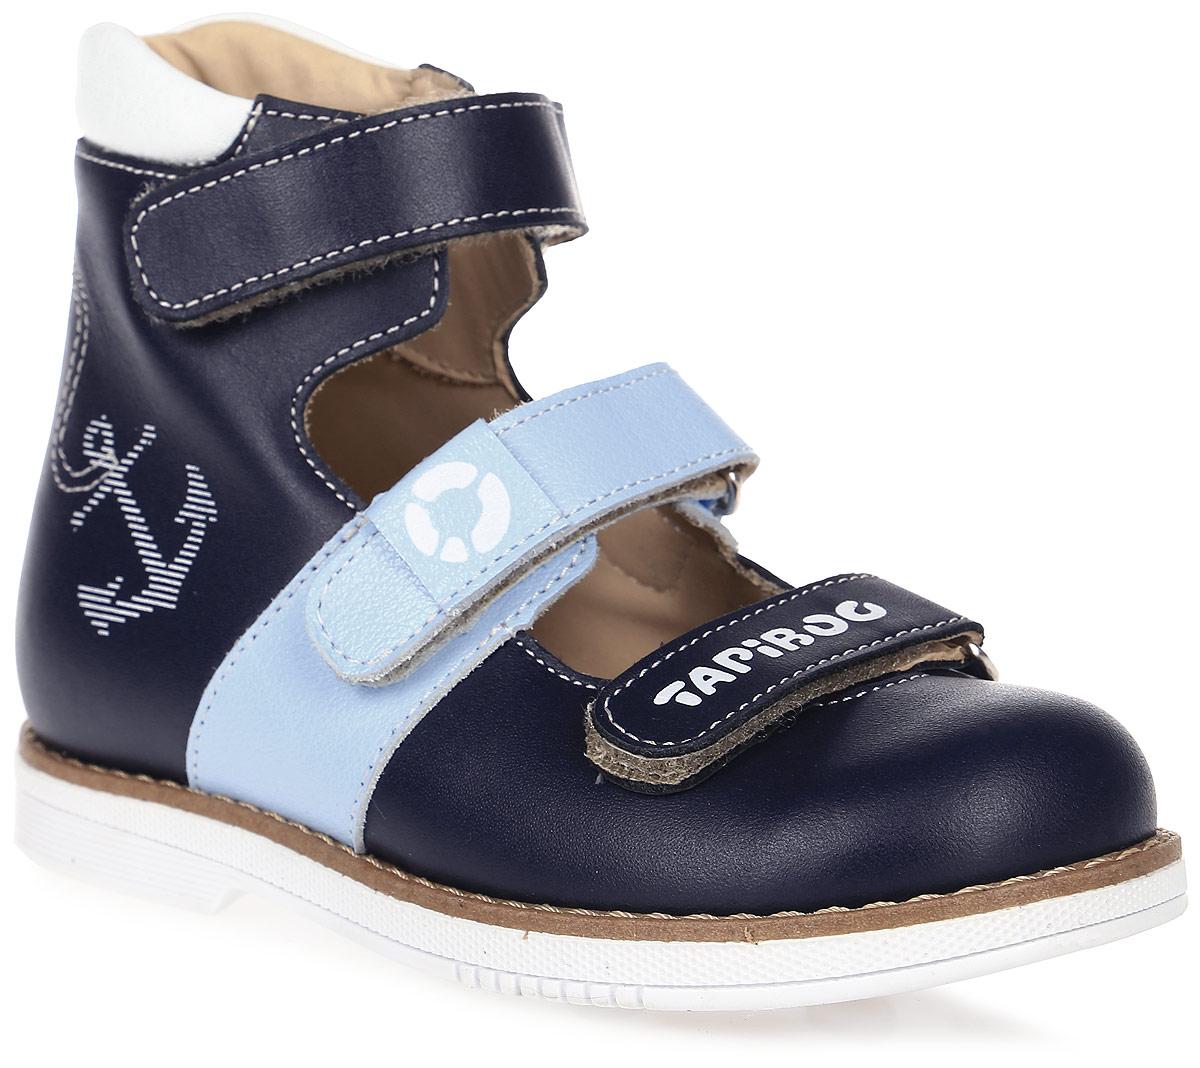 Сандалии для мальчика TapiBoo, цвет: темно-синий, голубой. FT-25007.17-OL09O.01. Размер 25FT-25007.17-OL09O.01Ортопедические сандалии от TapiBoo разработаны для коррекции стоп при вальгусной деформации, а также для профилактики плоскостопия. Модель, выполненная из натуральной кожи, оформлена контрастной прострочкой и сбоку морским принтом.Жесткий фиксирующий задник увеличенной высоты и три застежки - липучки, обеспечивают необходимую фиксацию голеностопа в правильном положении. Нижний ремешок дополнен логотипом бренда, ремешок на подъеме - фирменной нашивкой. Ортопедический каблук Томаса укрепляет подошву под средней частью стопы и препятствует ее заваливанию внутрь. Отсутствие швов на подкладке обеспечивает дополнительный комфорт и предотвращает натирание. Рельефный рисунок подошвы обеспечивает сцепление с любыми поверхностями. Такие сандалии станут незаменимыми в гардеробе вашего ребенка.